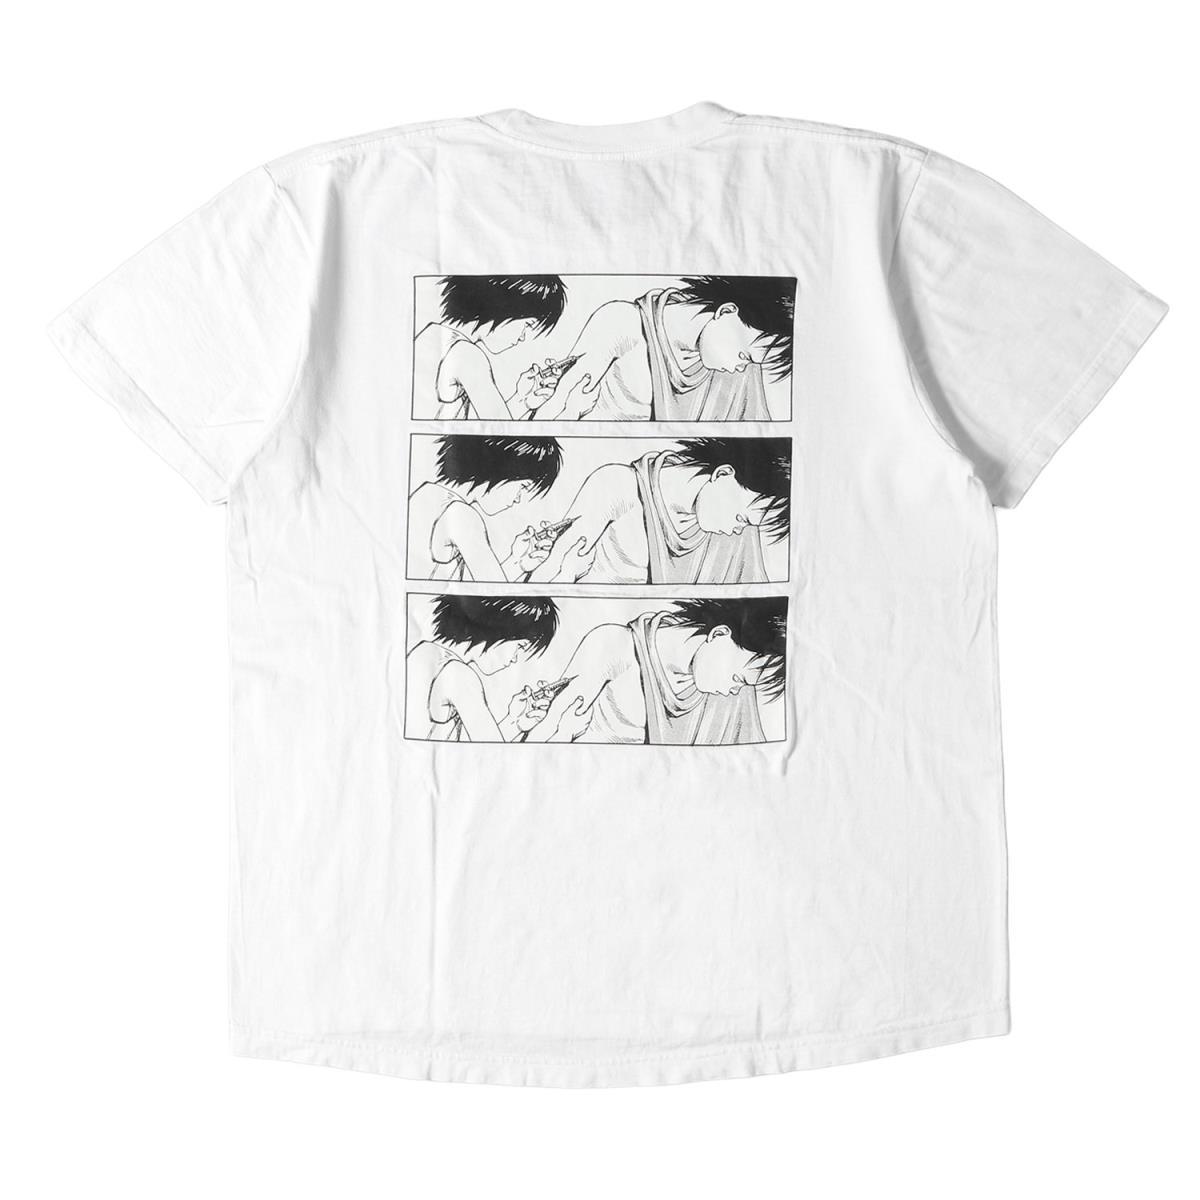 トップス, Tシャツ・カットソー Supreme T AKIRA T Syringe Tee 17AW M K3025